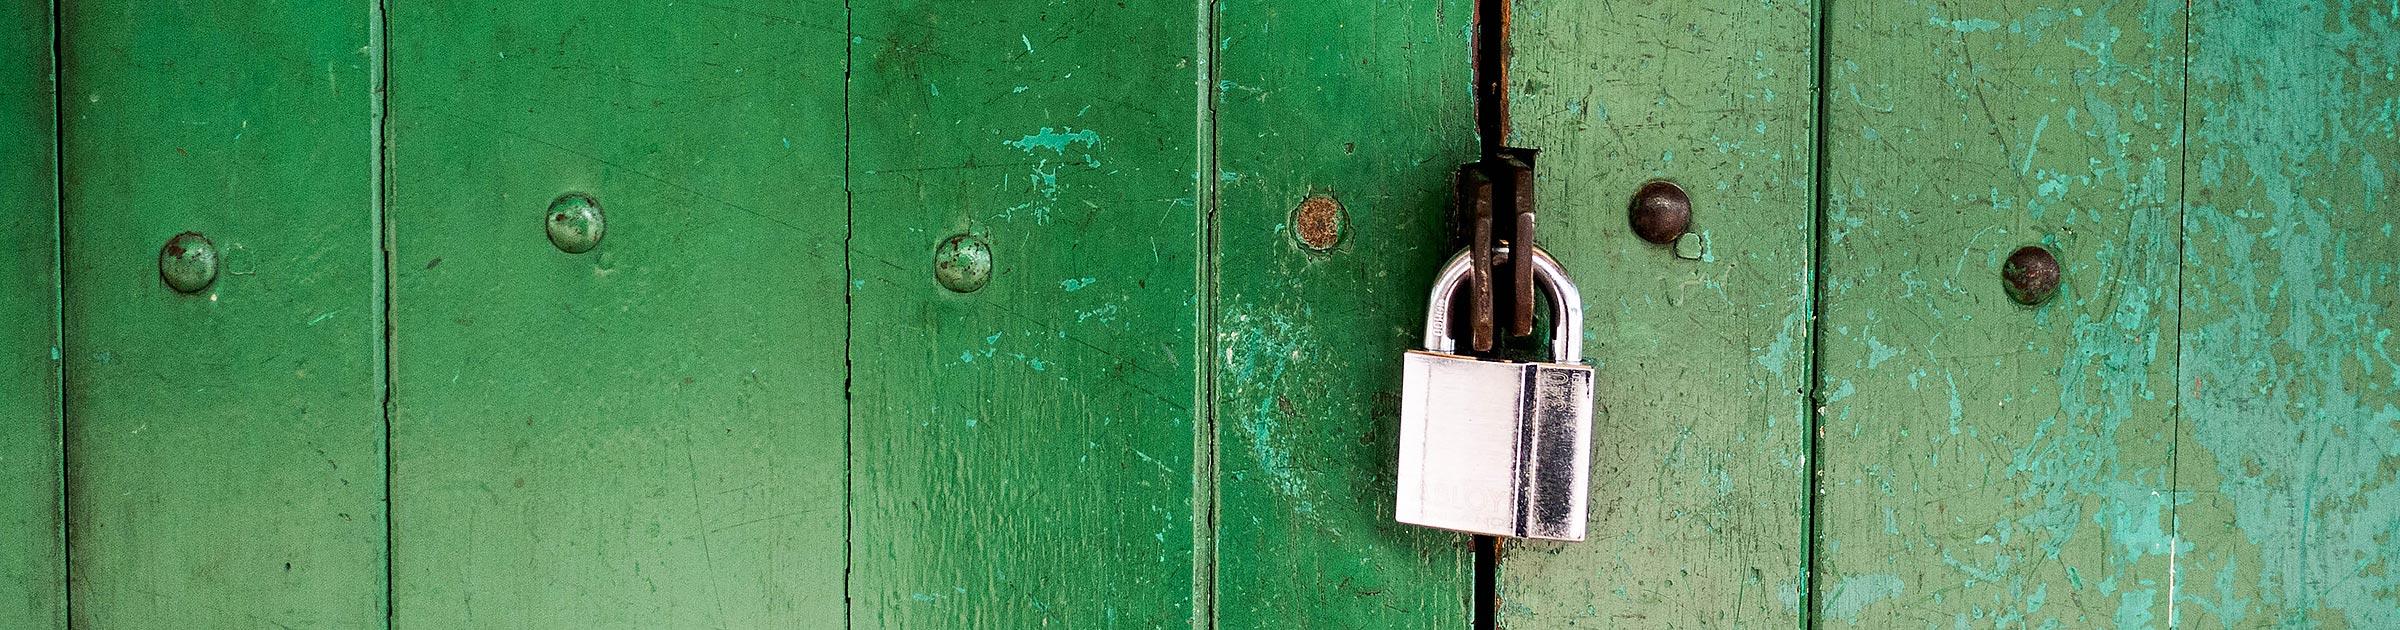 Datenschutz für Mailings im Lettershop siblog